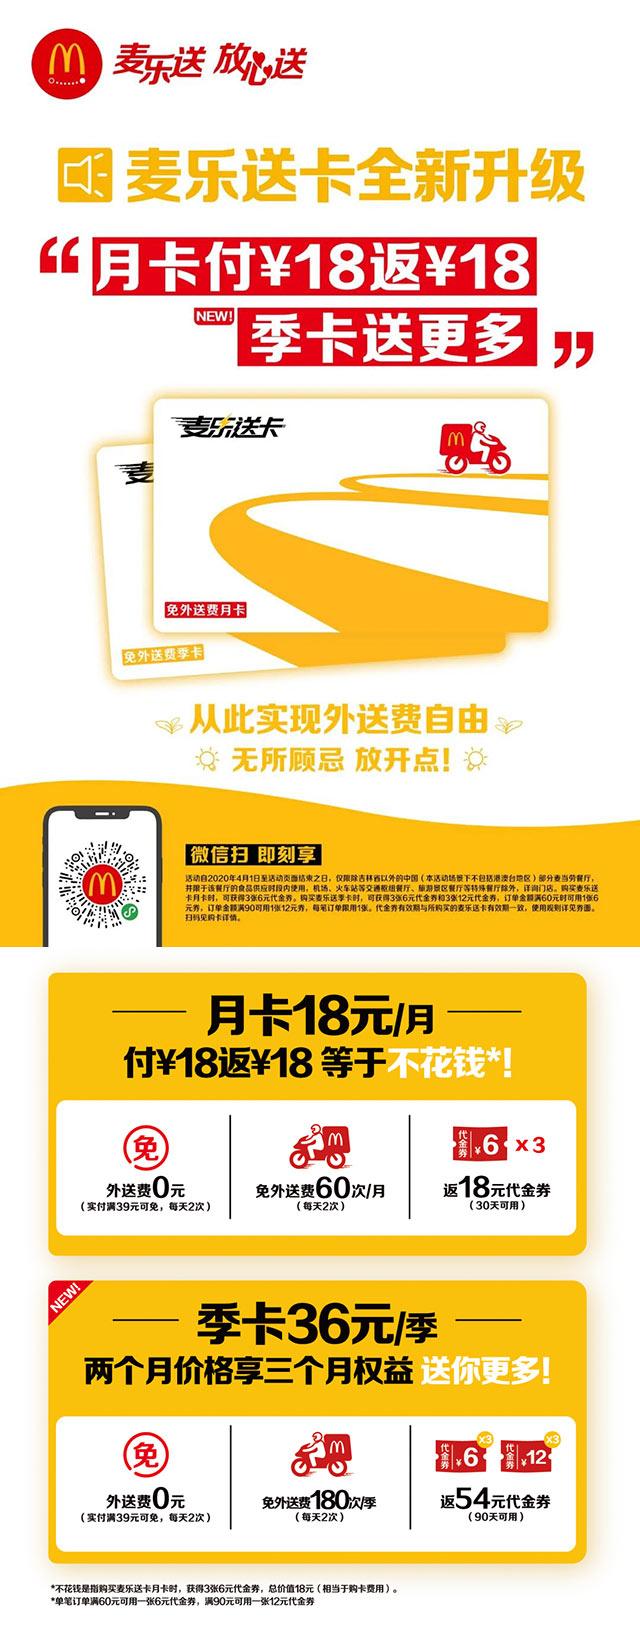 麦当劳麦乐送卡季卡36元/季,两个月的价格享三个月免外送费 有效期至:2020年4月14日 www.5ikfc.com